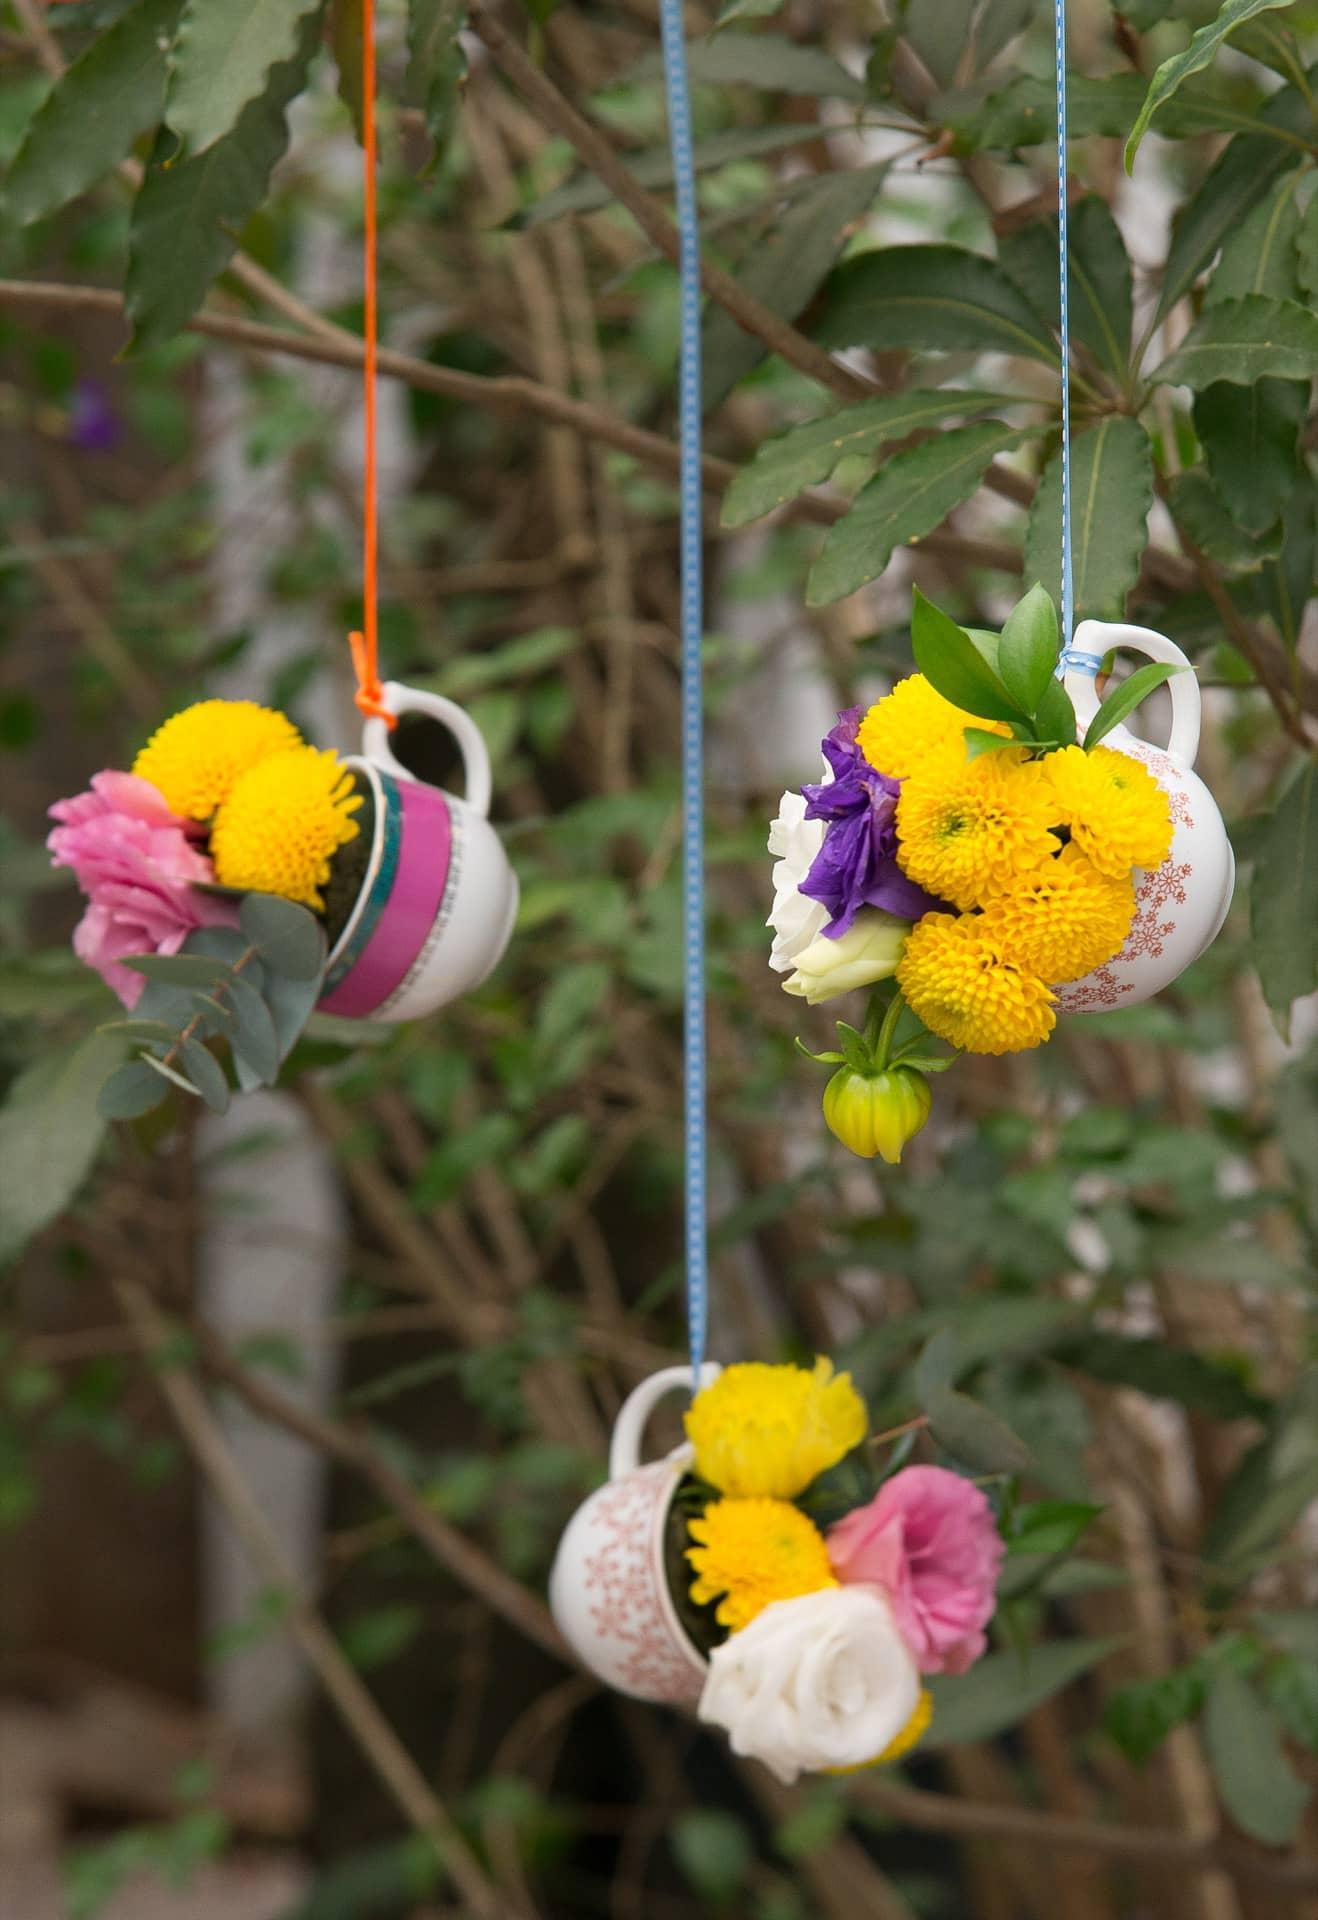 Imagem: Na entrada da casa ou na varanda, pendure xícaras com arranjos feitos com flores espetadas em esponja floral. Estes foram feitos pela Mesa Divina. Foto: Cacá Bratke